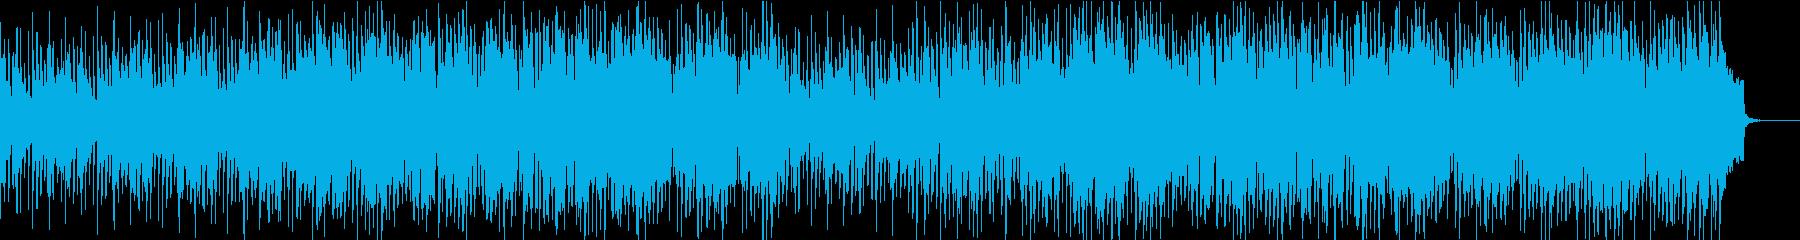 ノリが良く軽快でおしゃれなブラスジャズの再生済みの波形